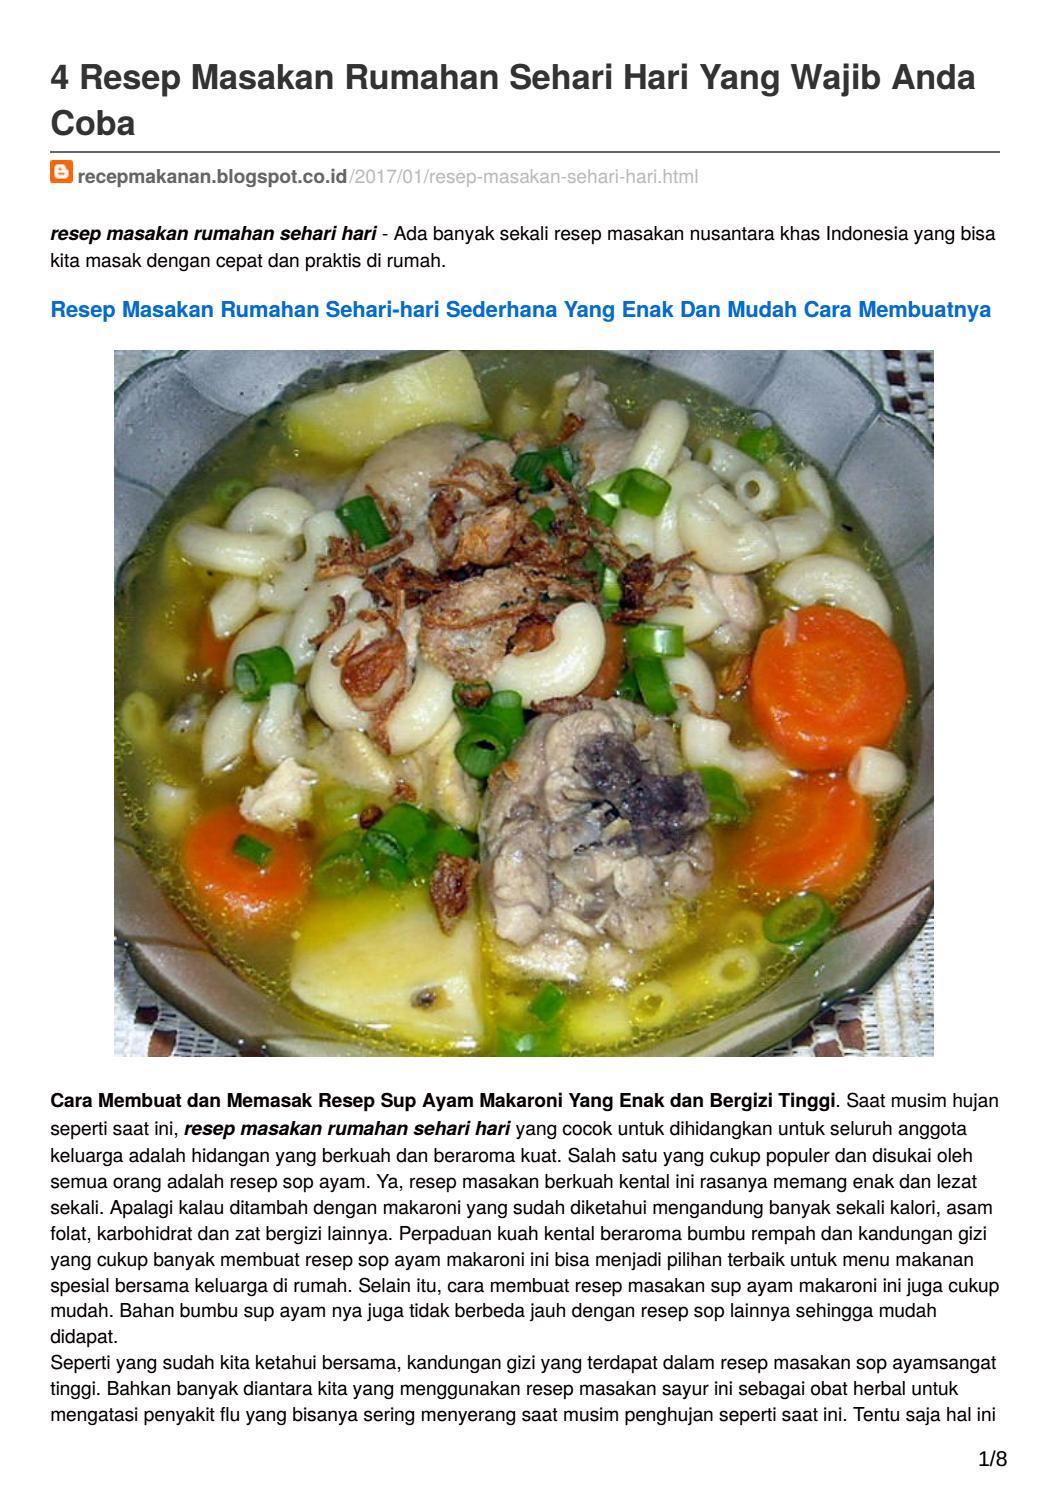 4 Resep Masakan Rumahan Sehari Hari Yang Wajib Anda Coba By Frian